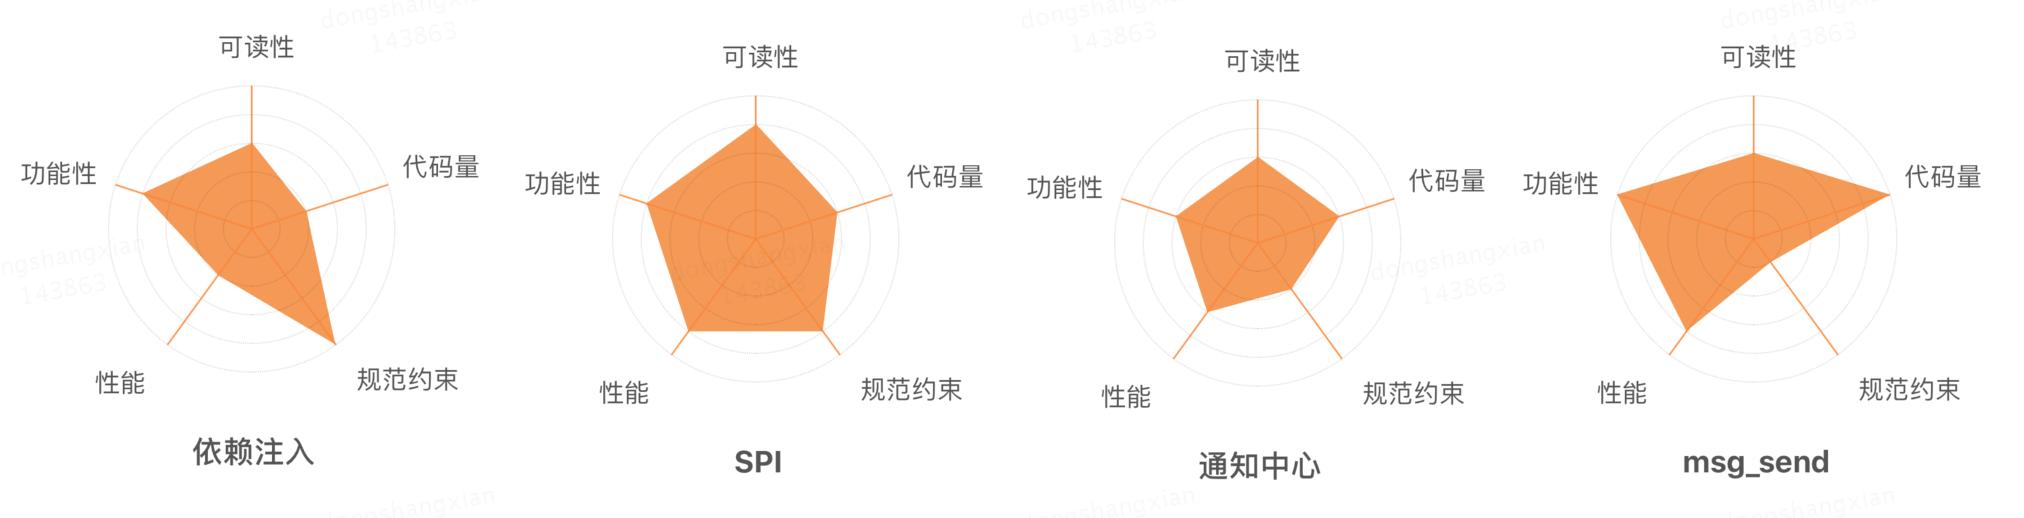 图1-2 性能消耗检测